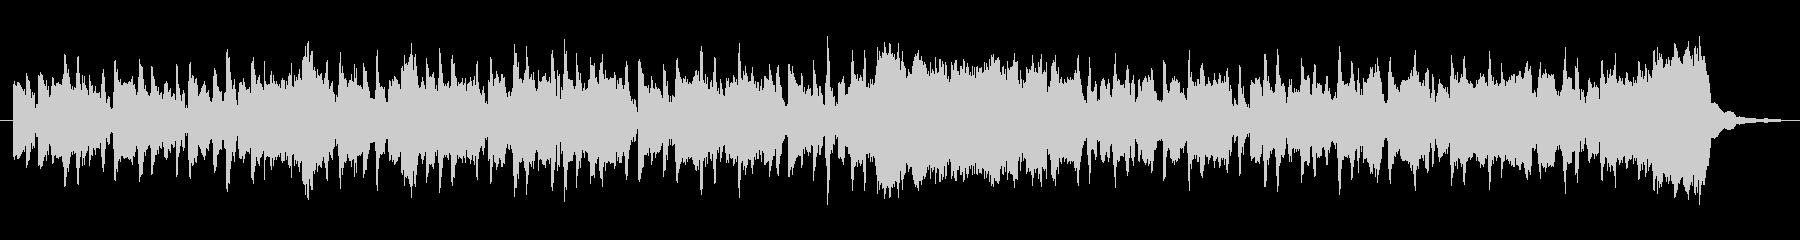 ほのぼのしたファンタジーワルツの未再生の波形